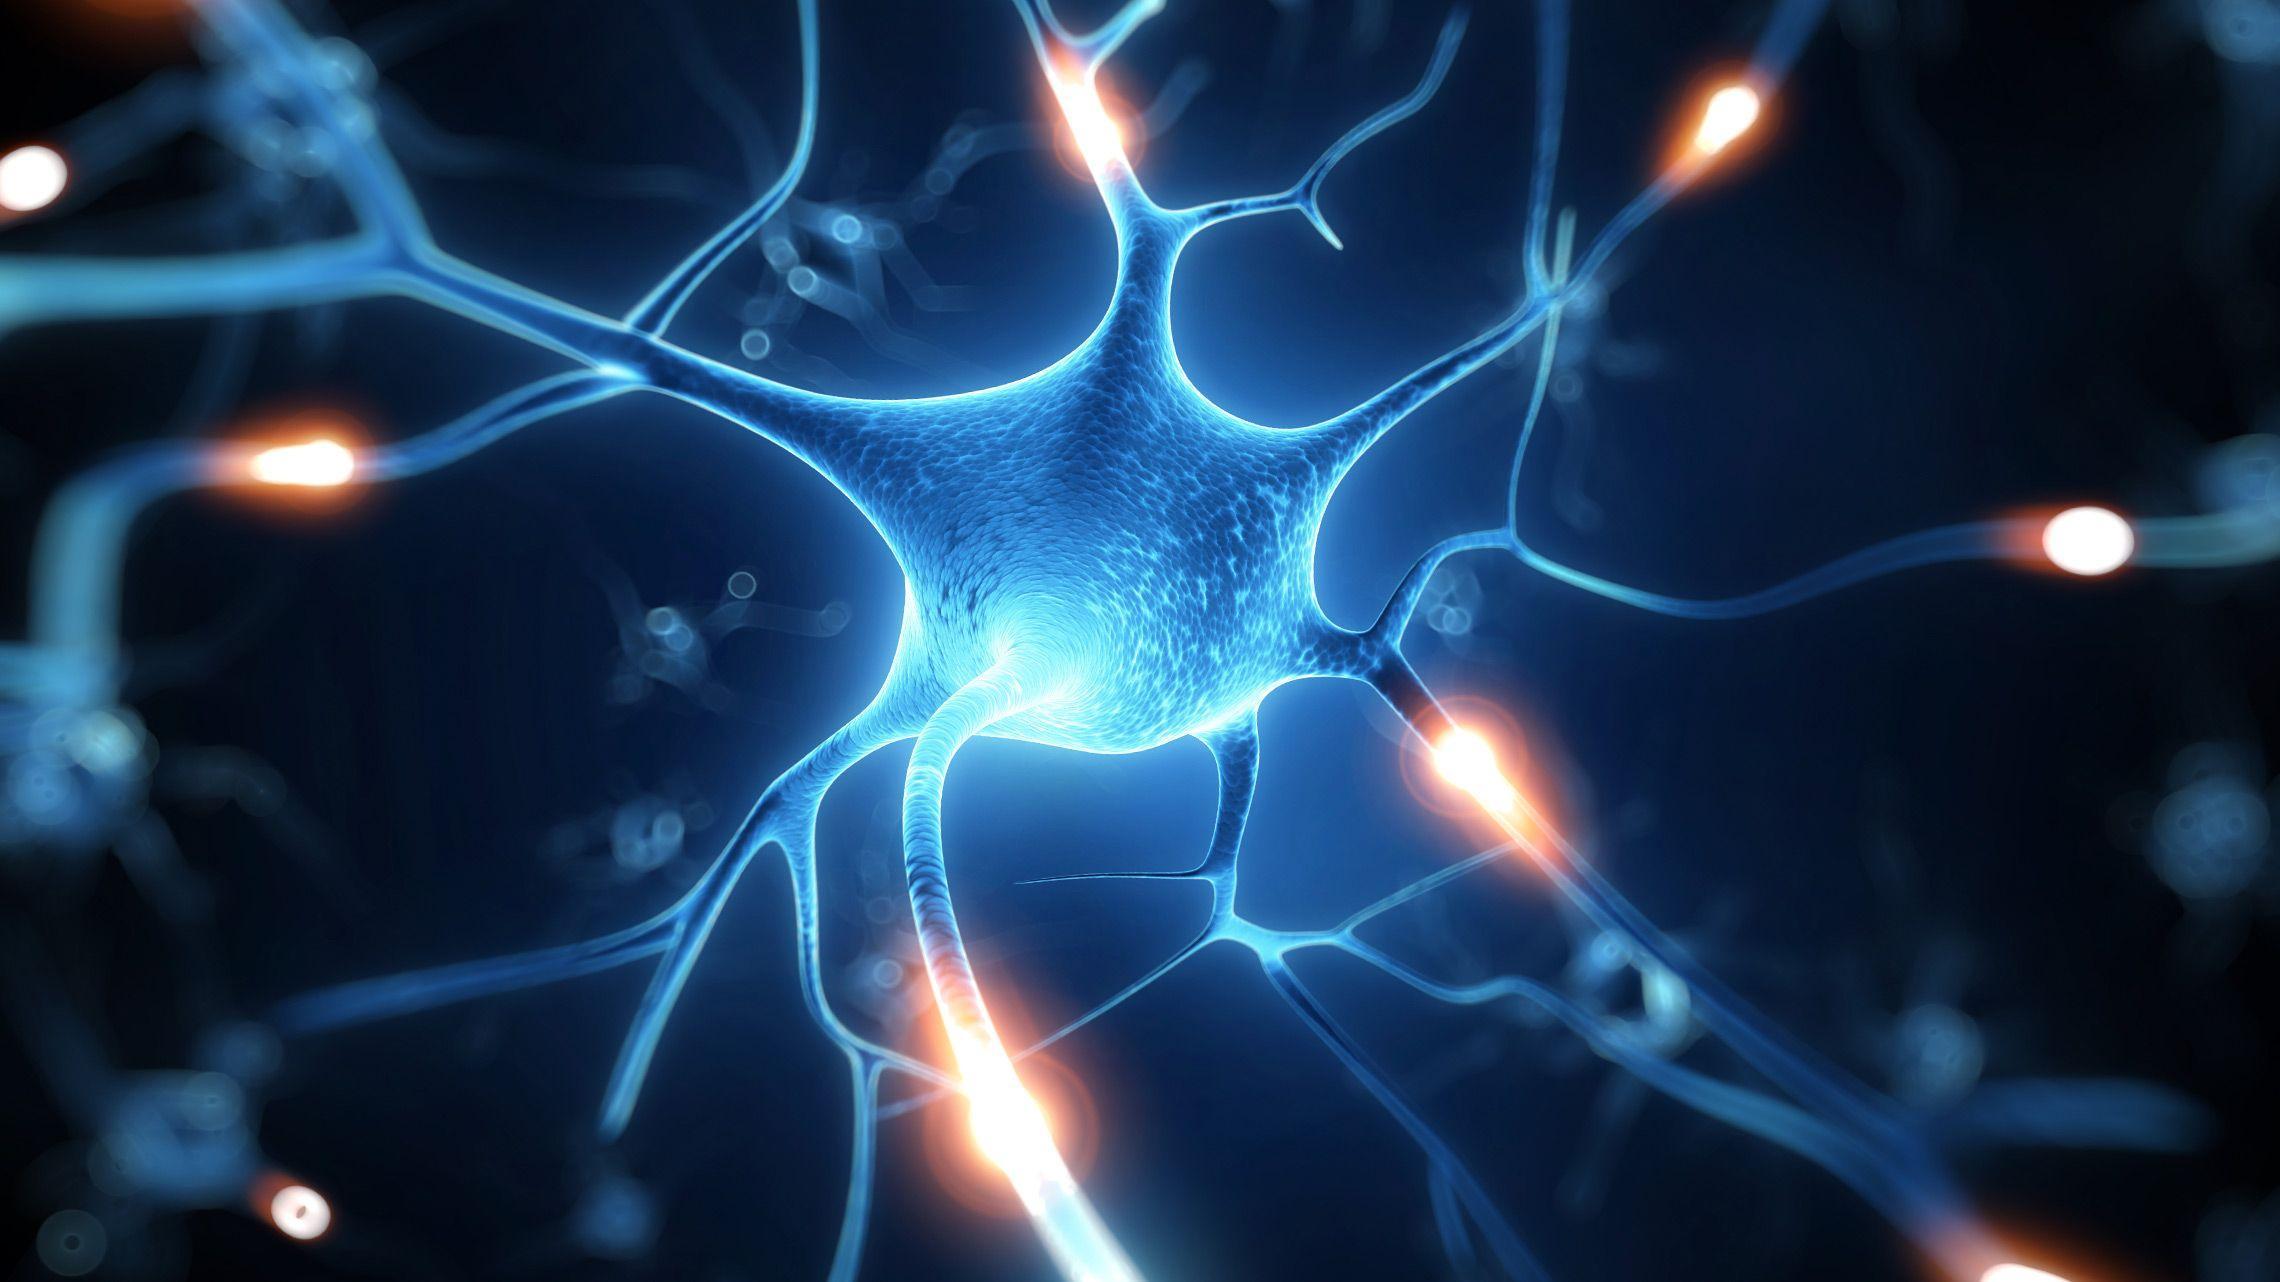 сахарное покрытие нервных клеток связали с долговременной памятью